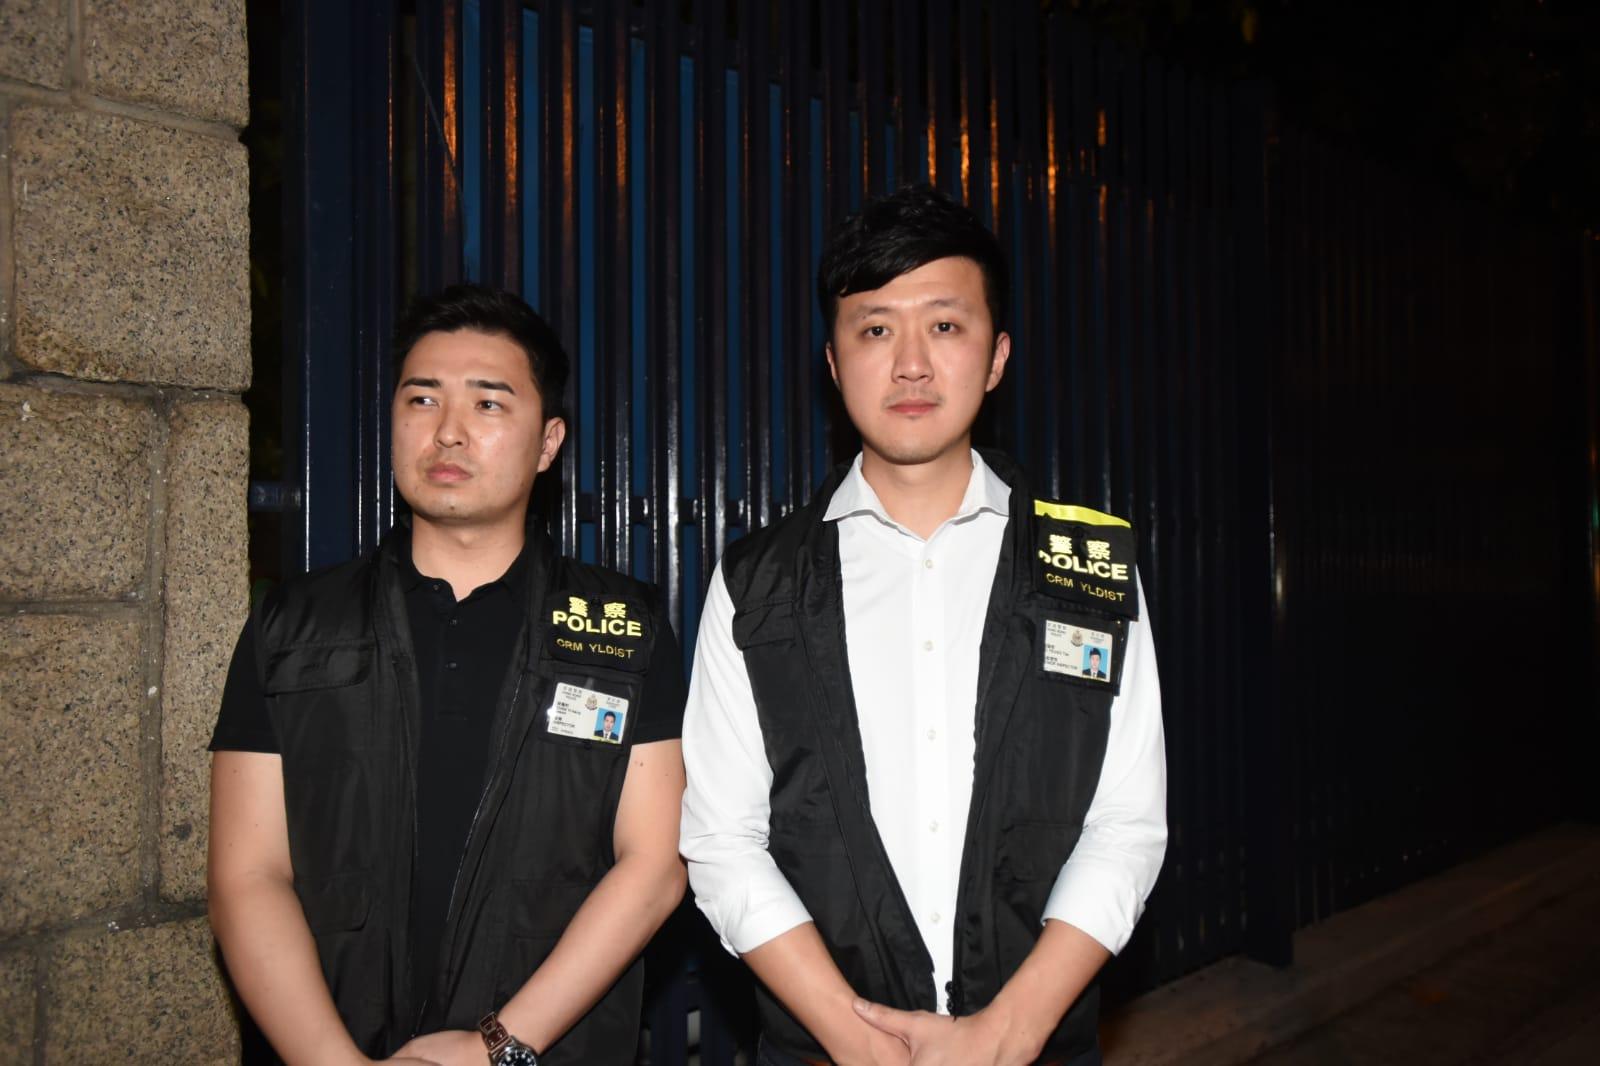 警方相信賊人誤會東主與職員身懷巨款而犯案。